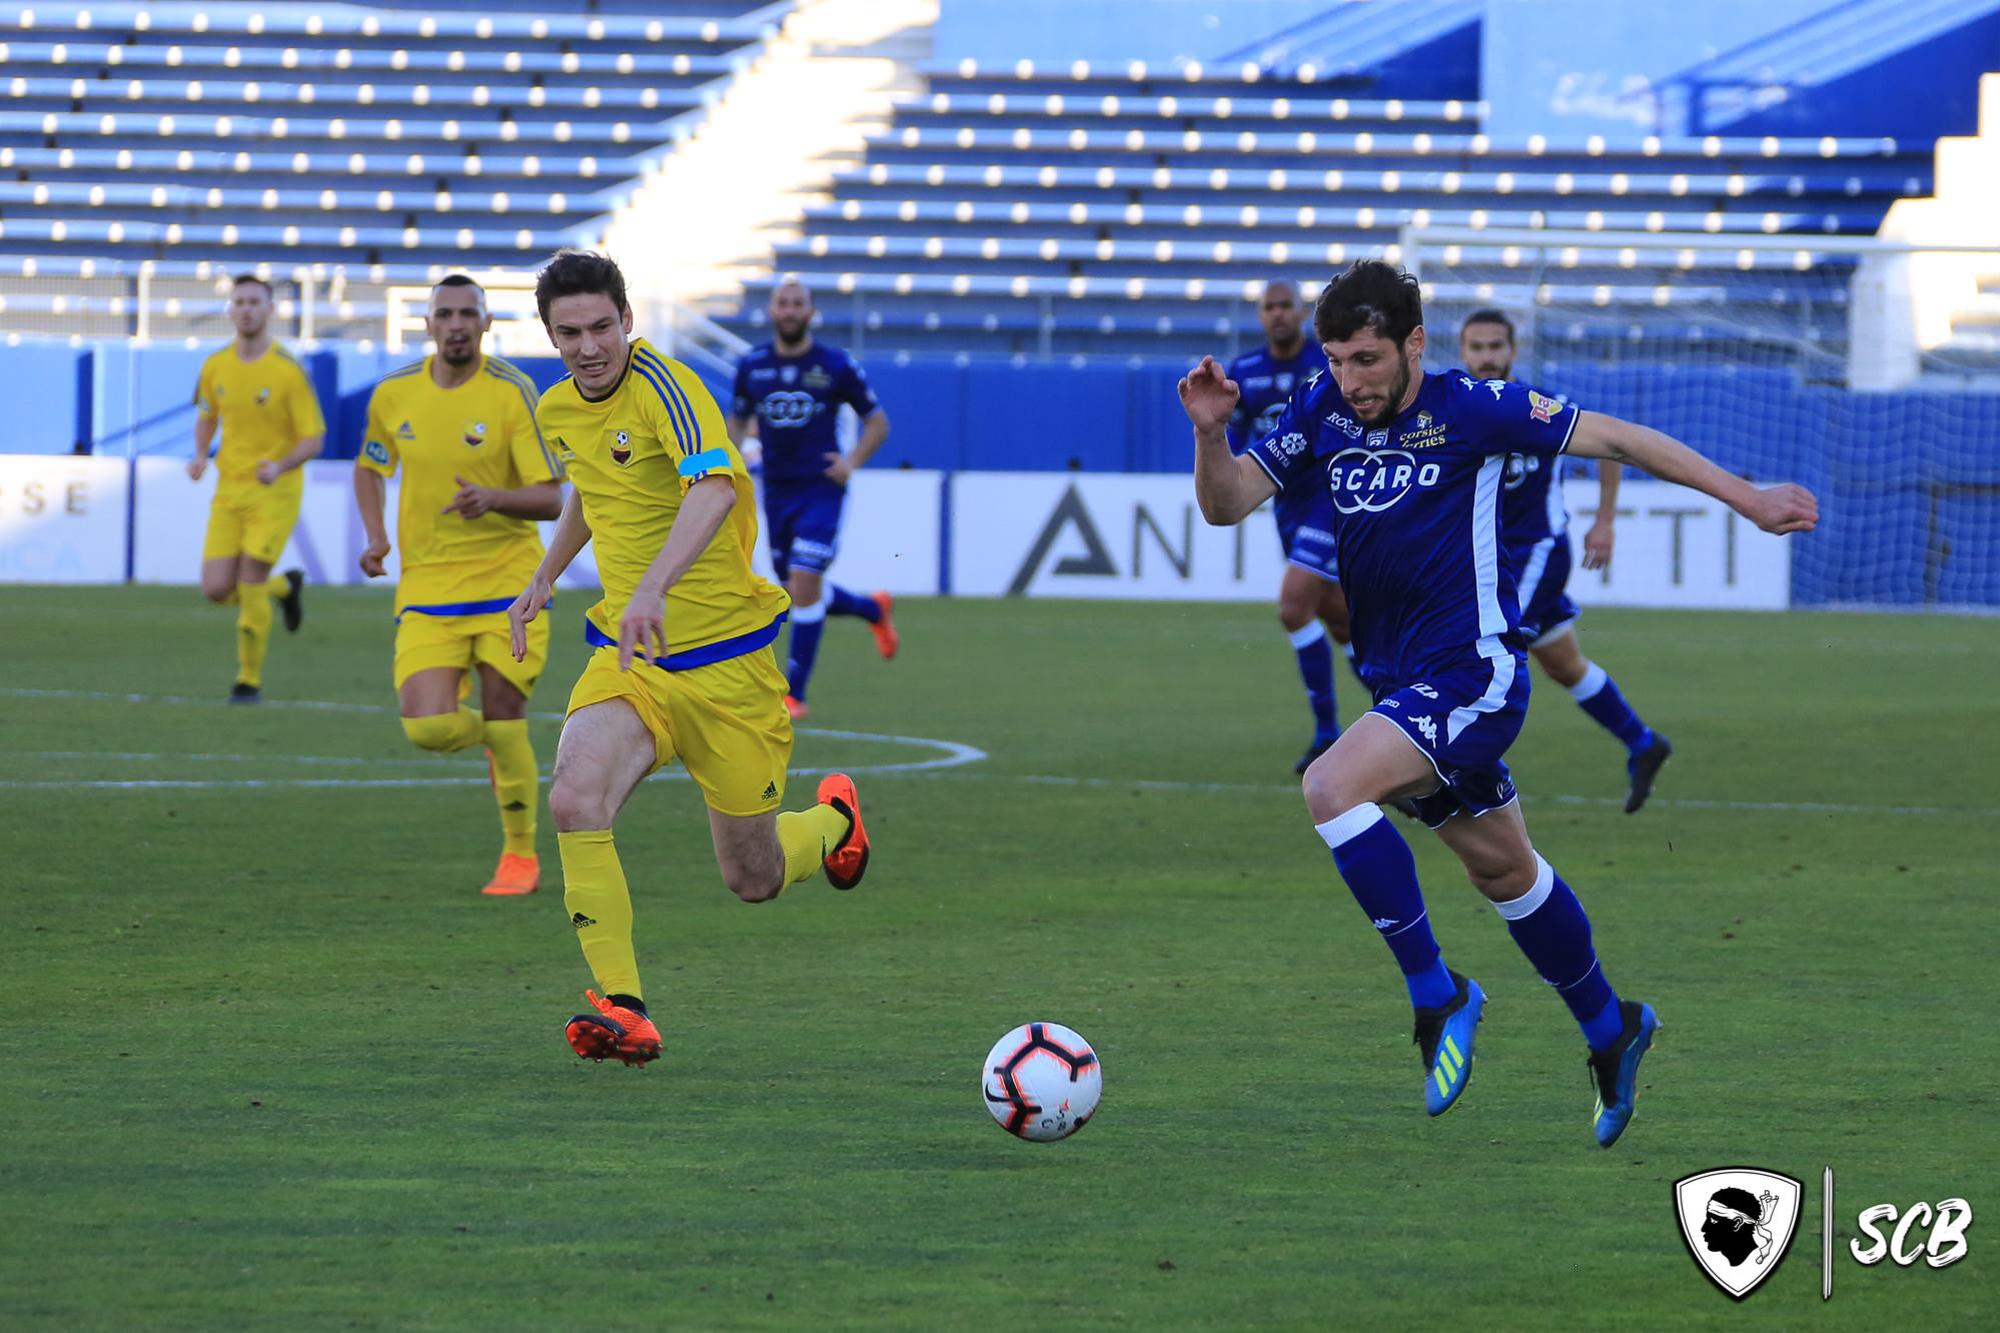 SCB 3-1 AFC (16/02/2019)